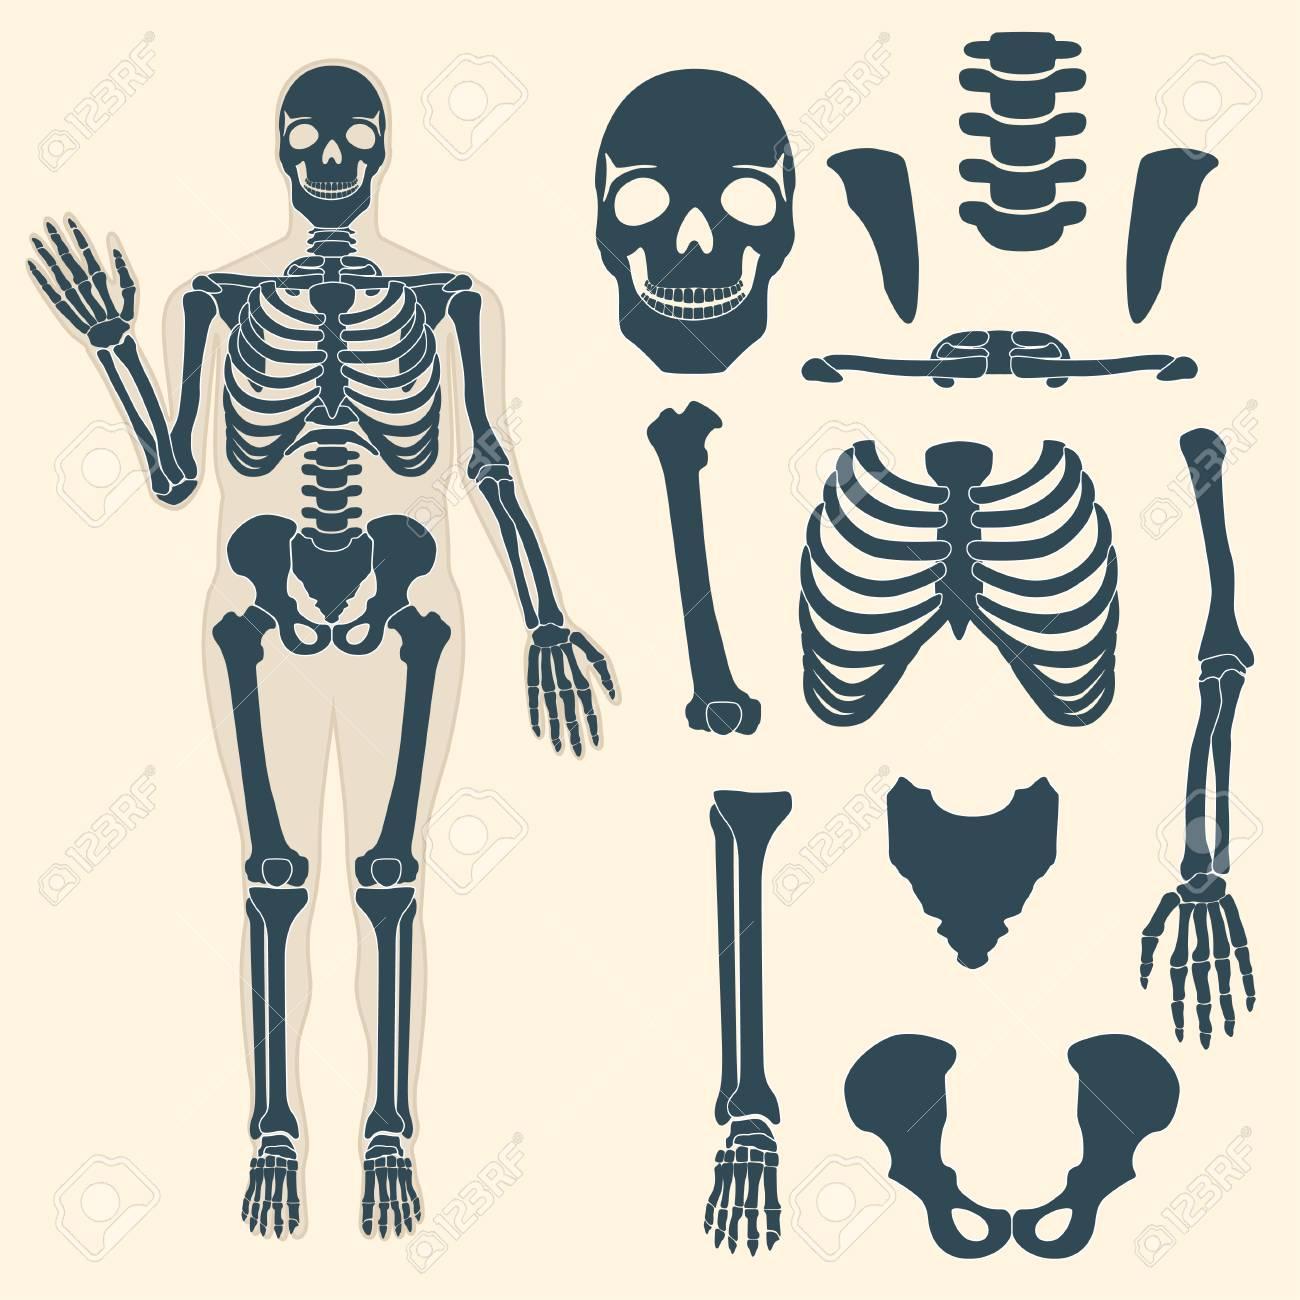 Esqueleto Humano Con Diferentes Partes. Anatomía Del Cuerpo Humano ...